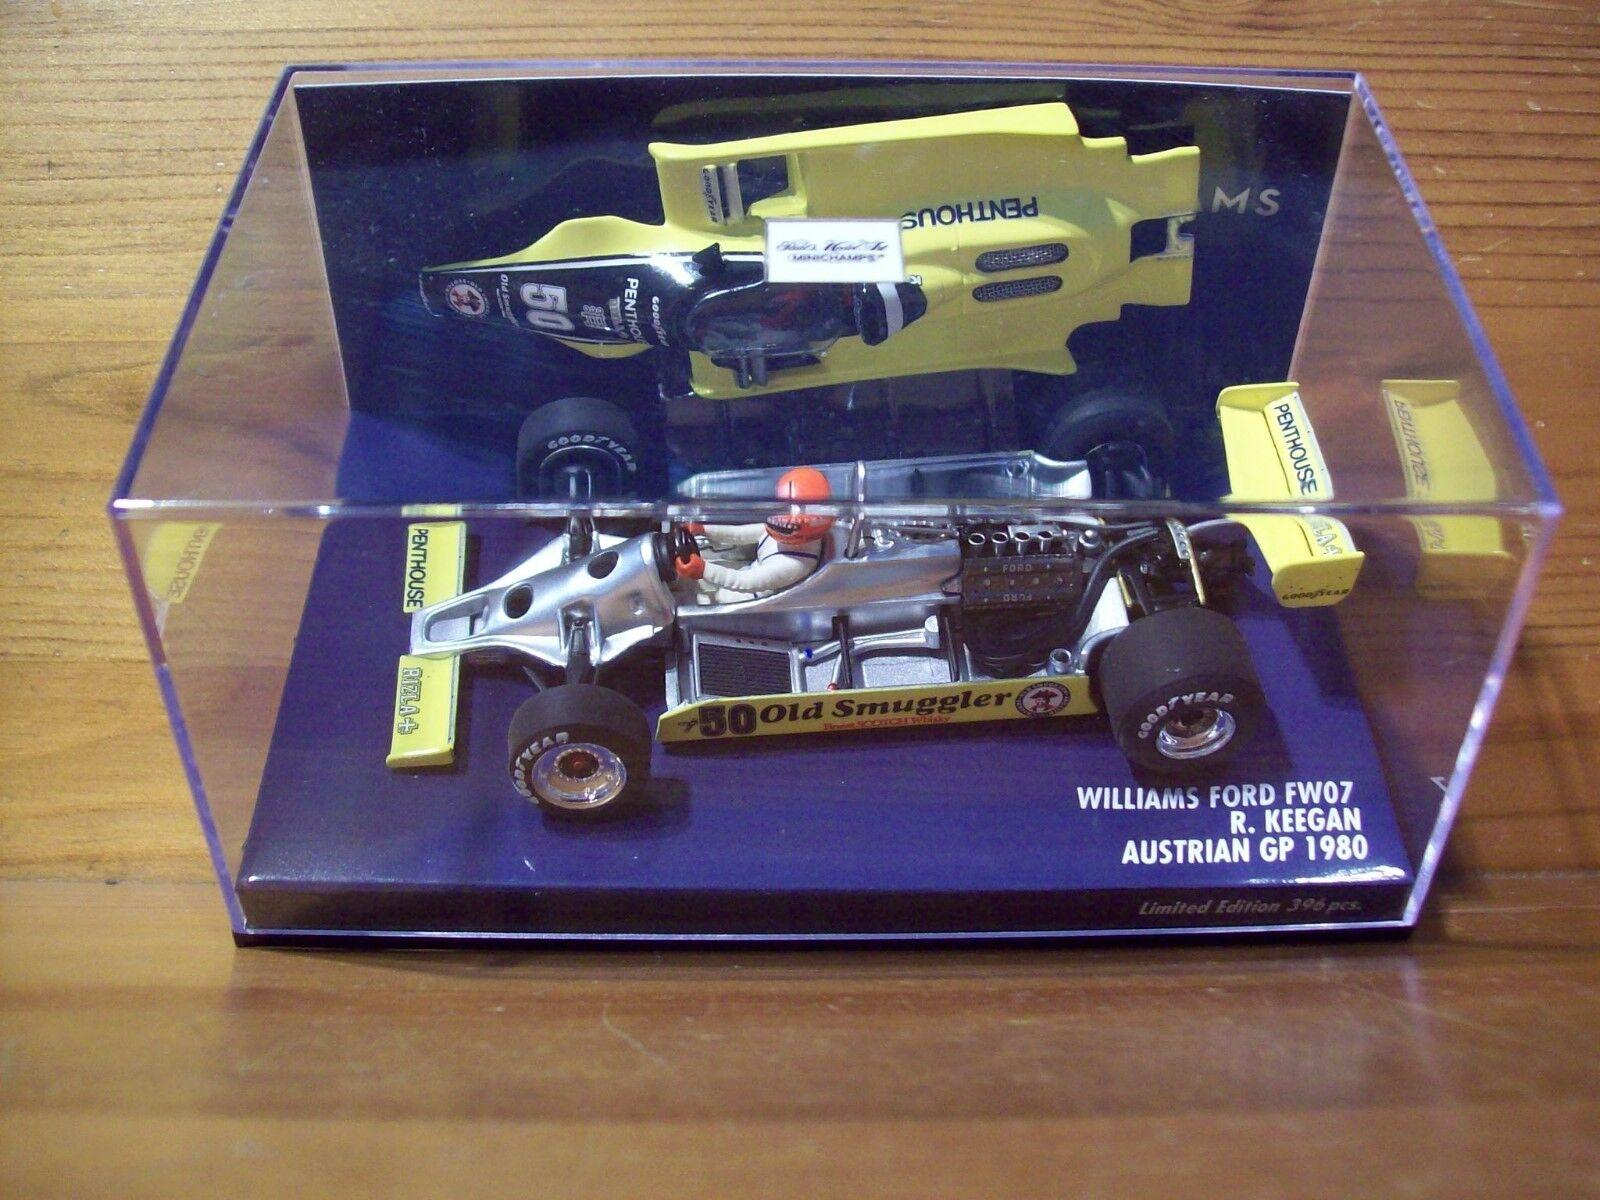 1 43 WILLIAMS FORD FW07 RUPERT KEEGAN AUSTRIAN GP 1980